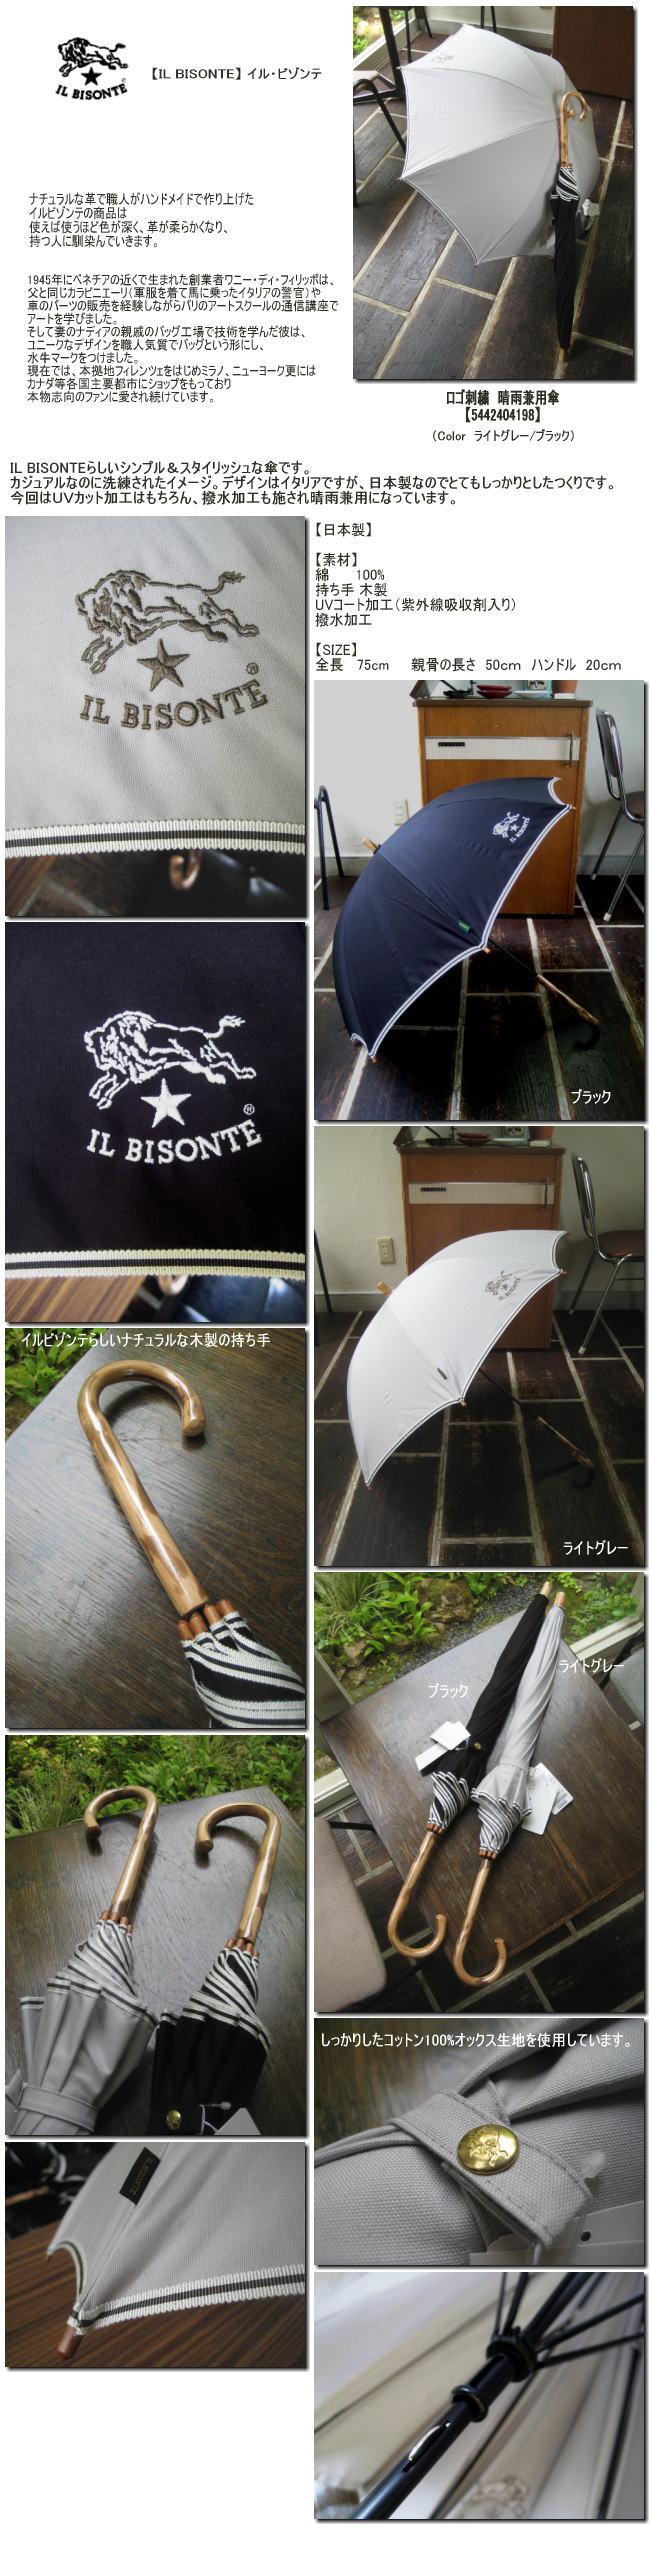 【IL BISONTE】イルビゾンテ ロゴ刺繍 晴雨兼用傘 5442404198 Color ライトグレー/ブラック